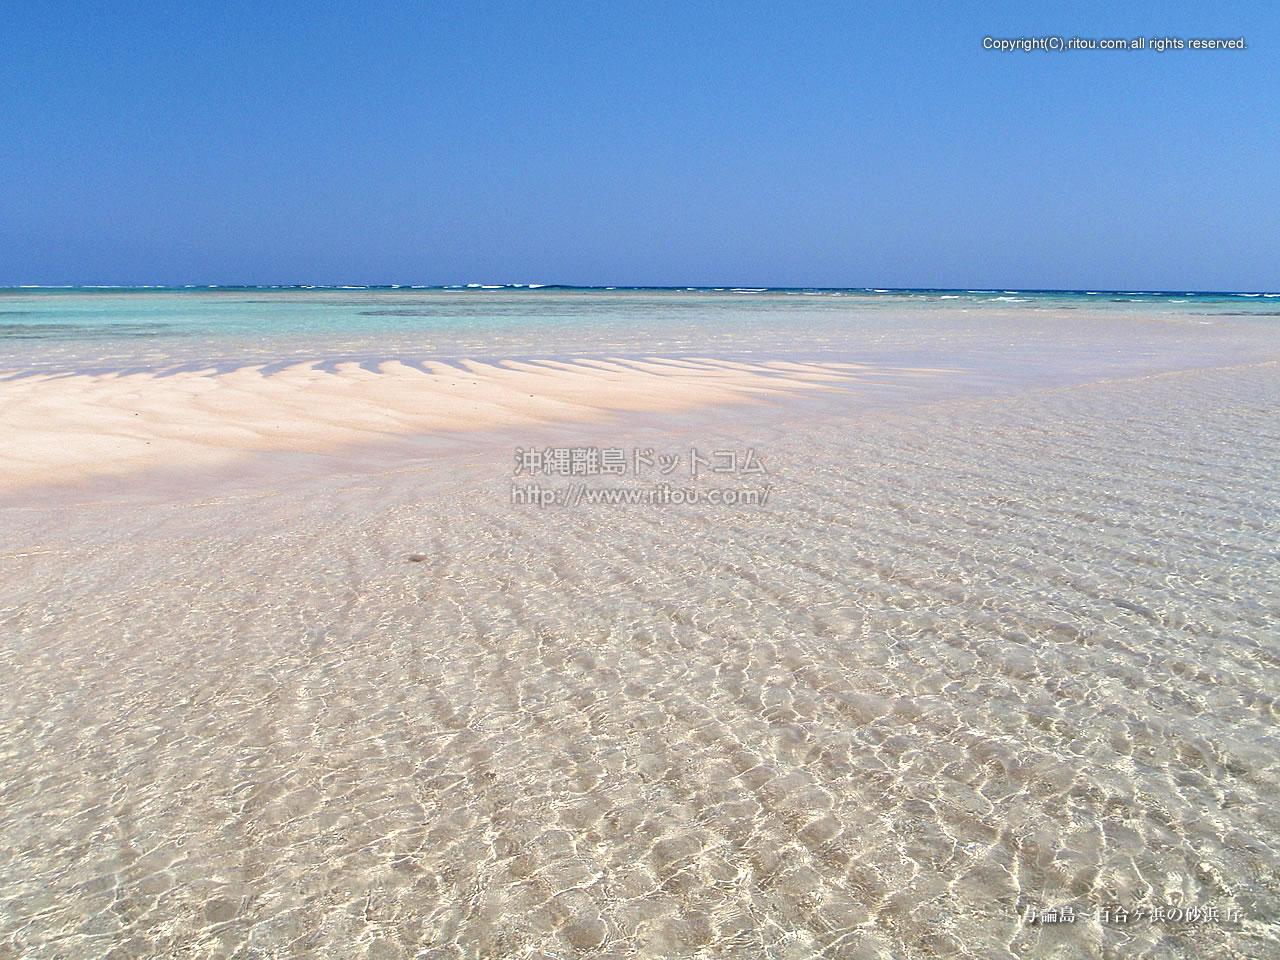 与論島〜百合ヶ浜の砂浜 序